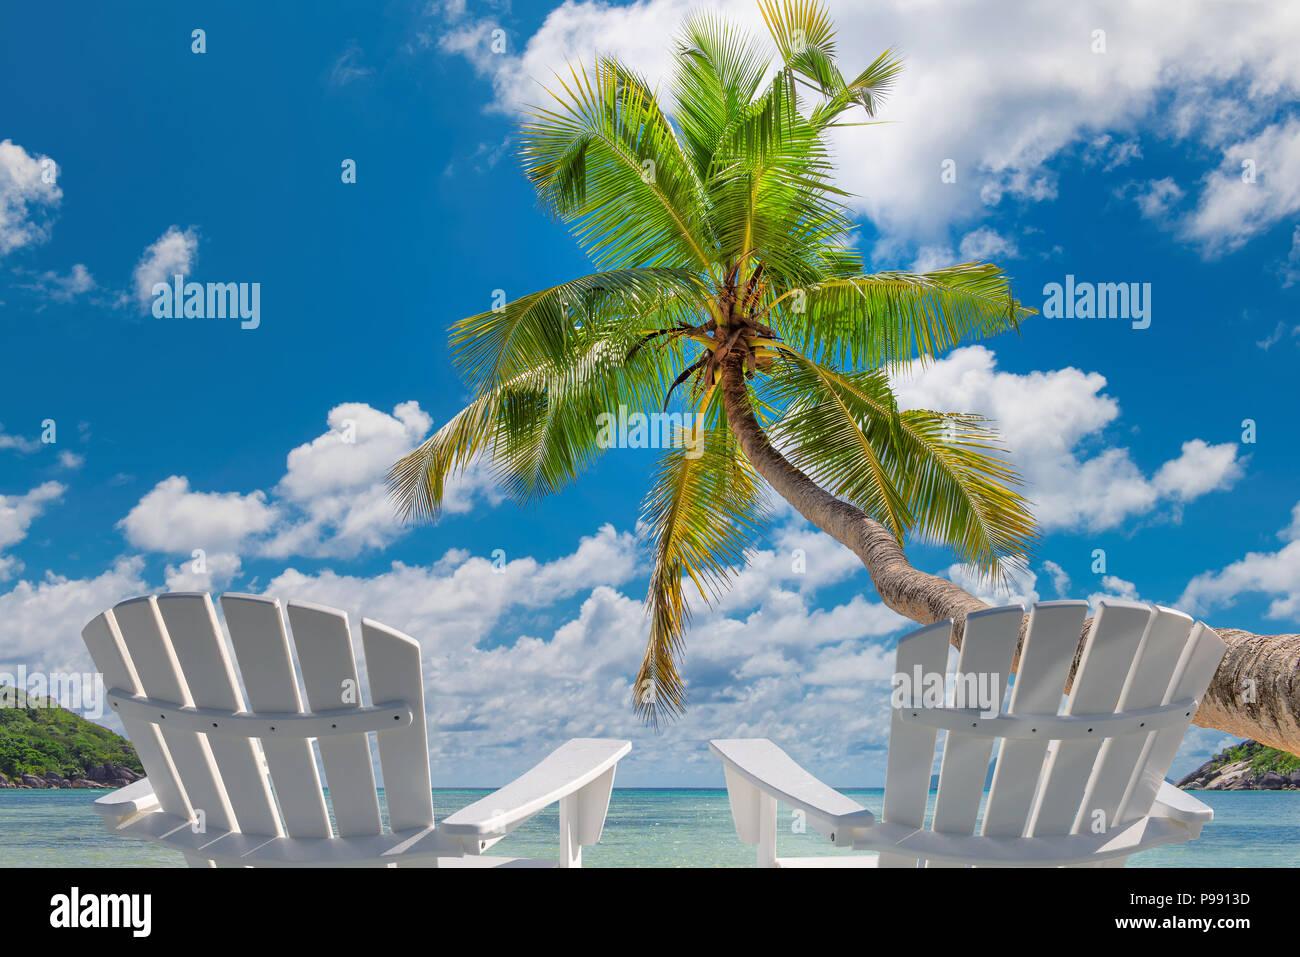 Chaises de plage sur la plage de sable fin avec palmiers et mer turquoise. Photo Stock